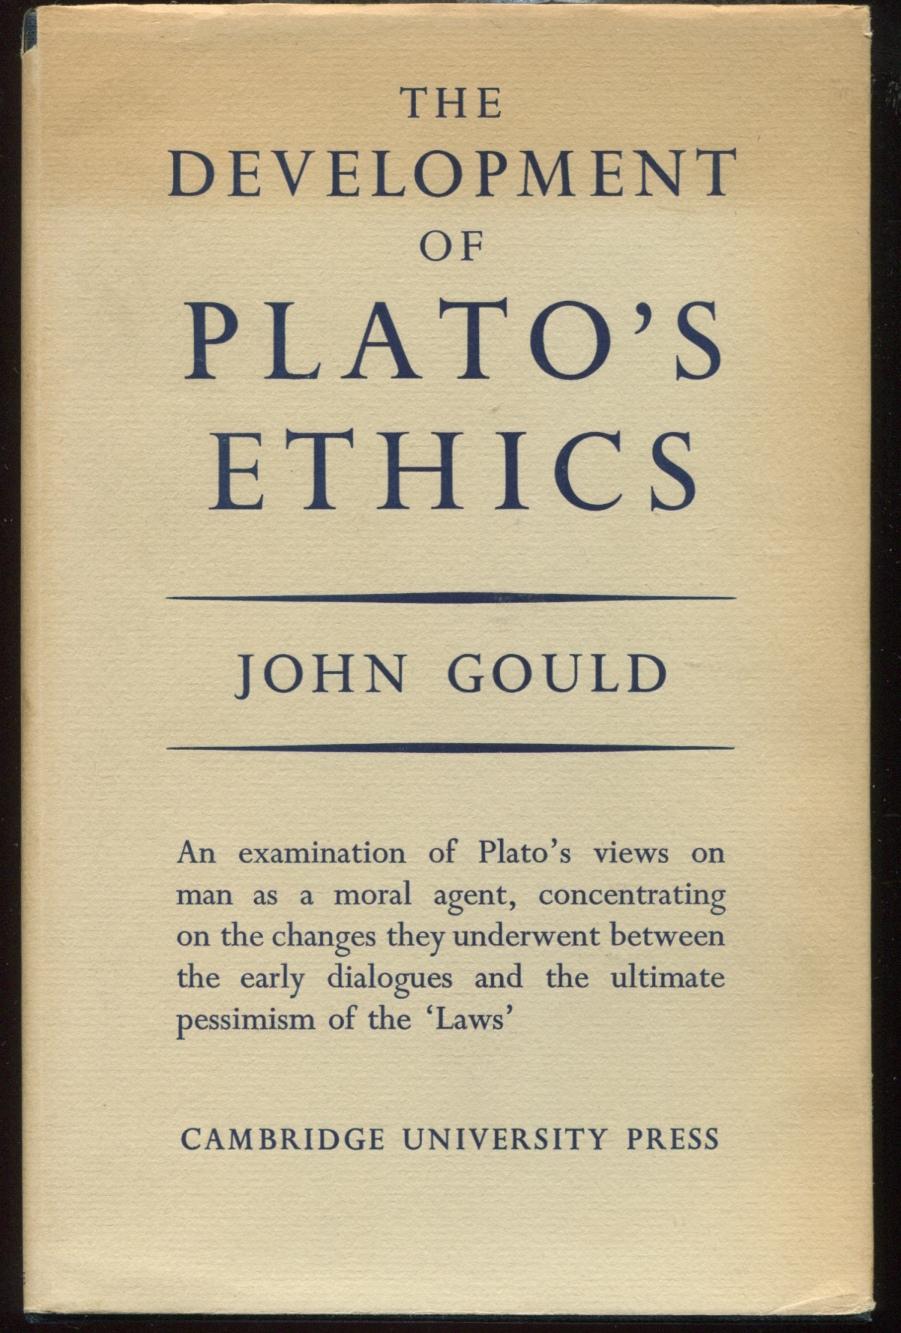 The Development of Plato's Ethics.